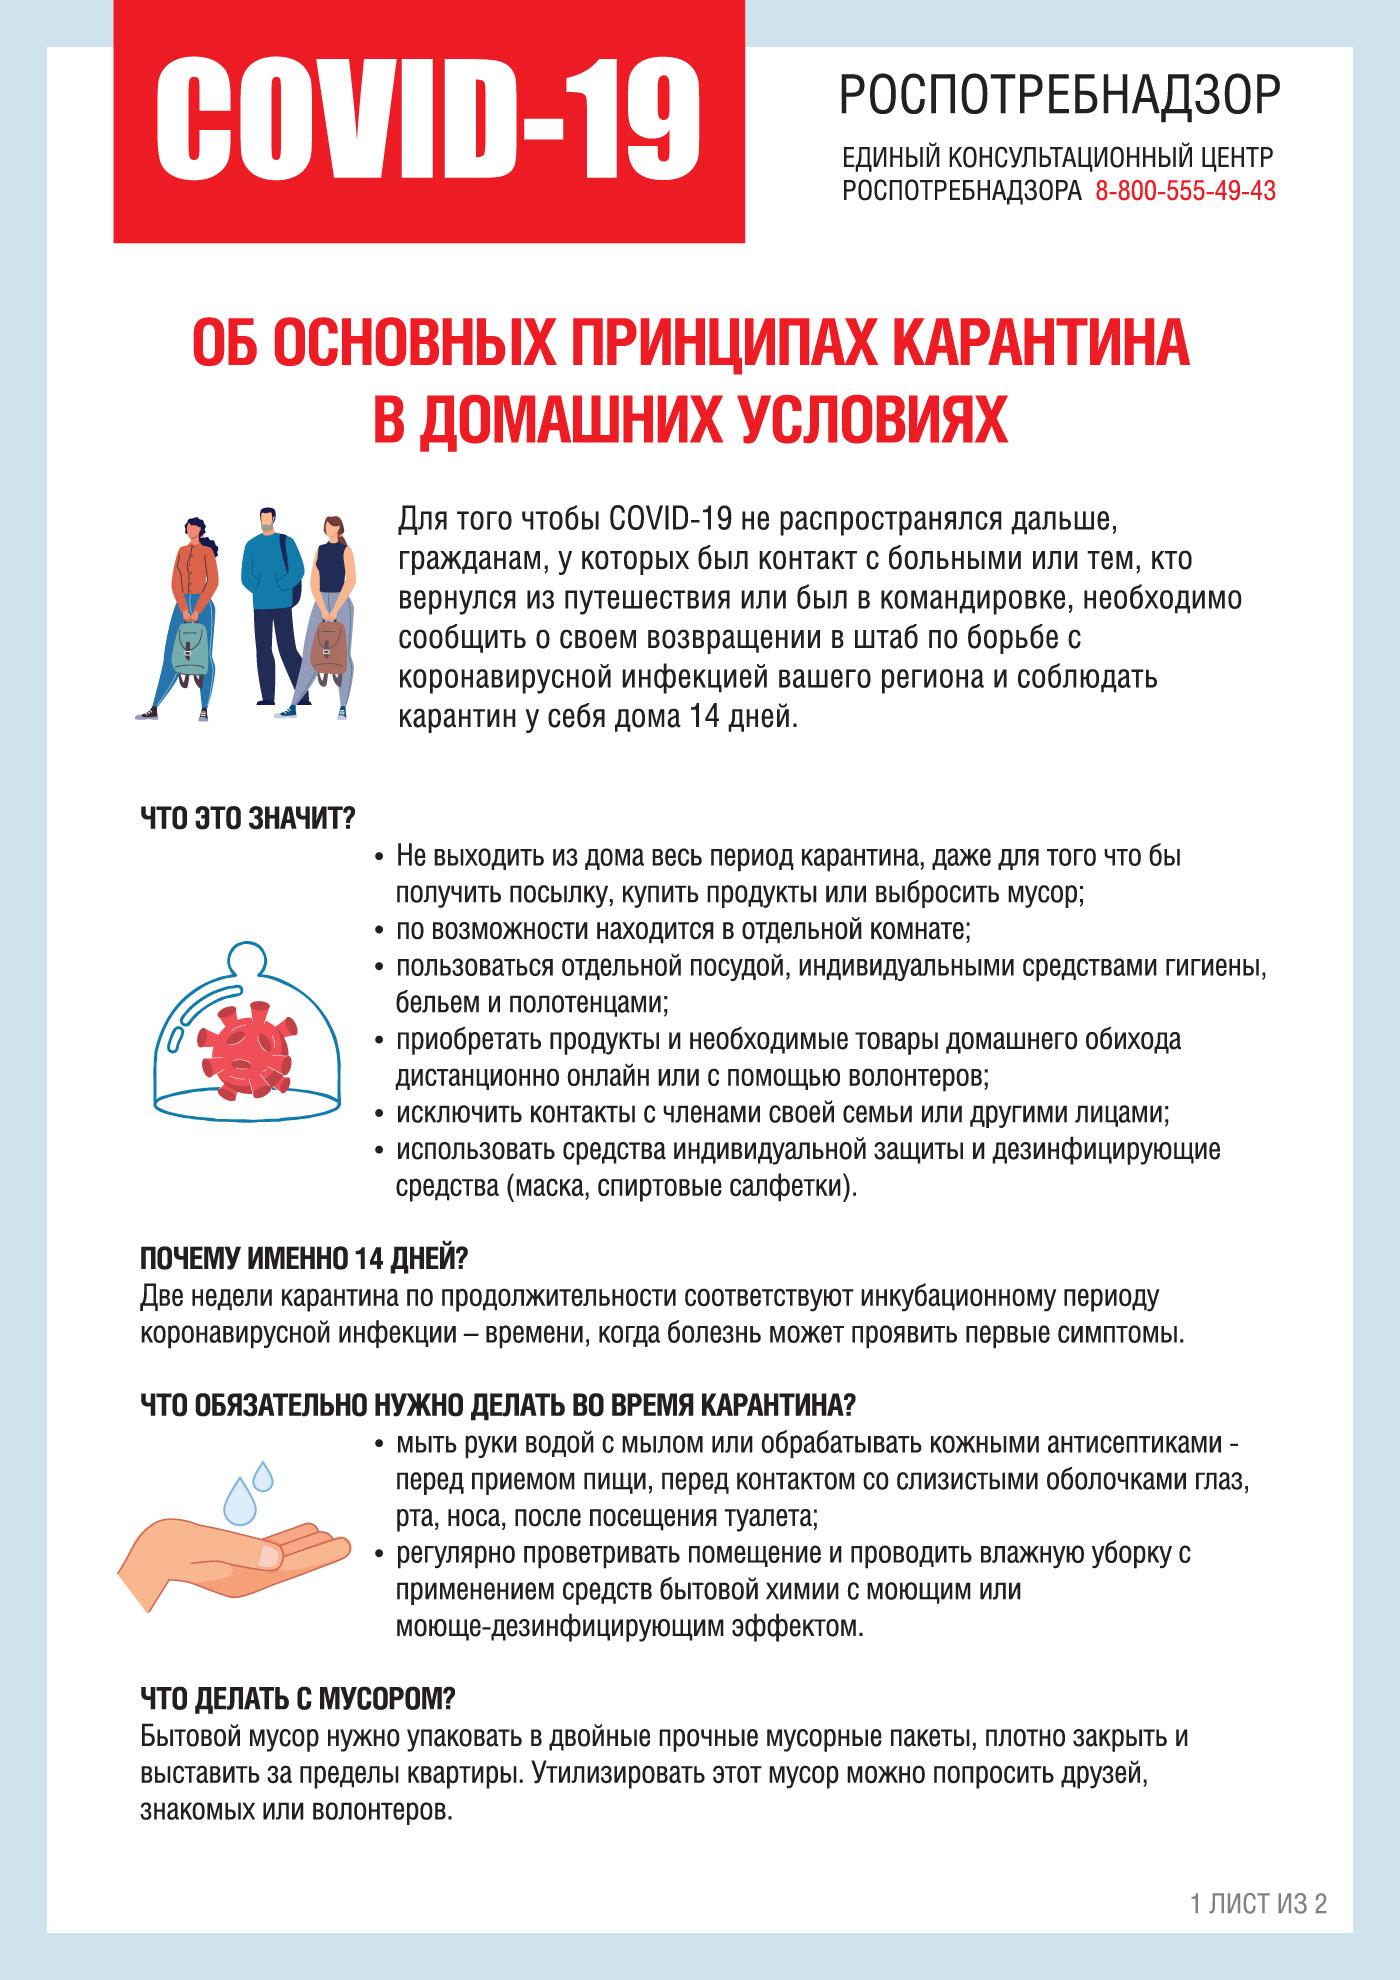 поведенческие факторы яндекс Большой Устьинский мост